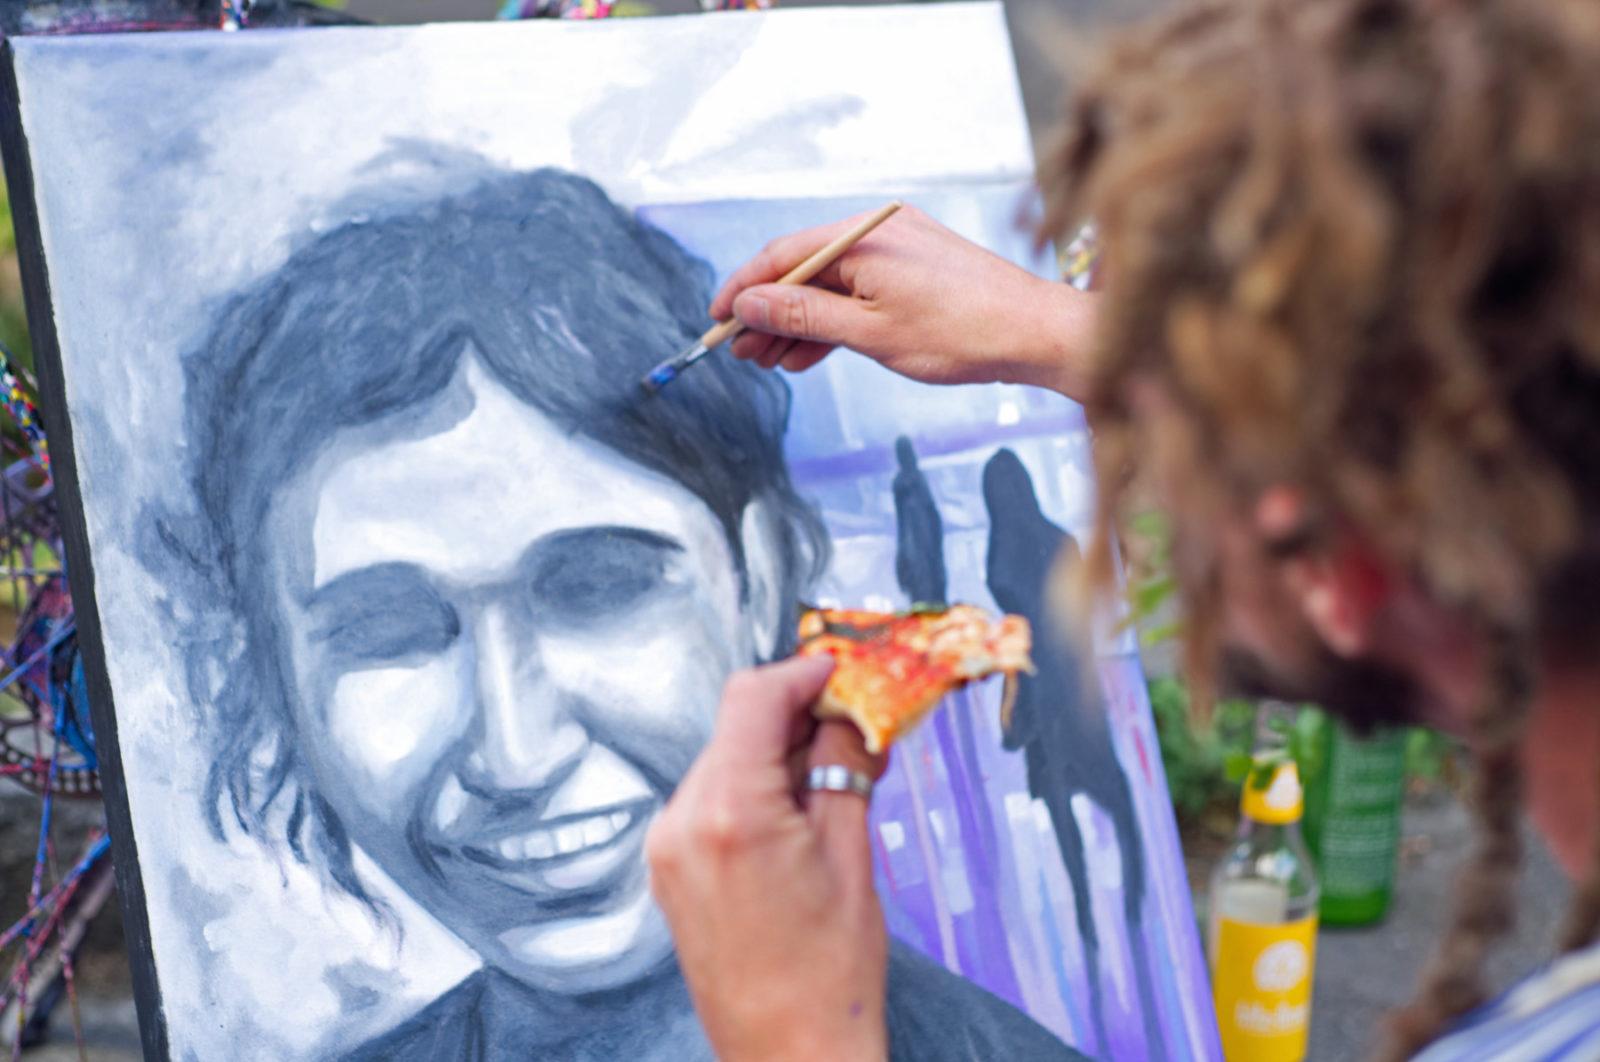 Zarathroxa schräg von hinten, hält in der einen Hand ein Stück Pizza, mit der anderen Hand malt er ein Bild, das er auf dem Straßenfest fertiggestellt hat.